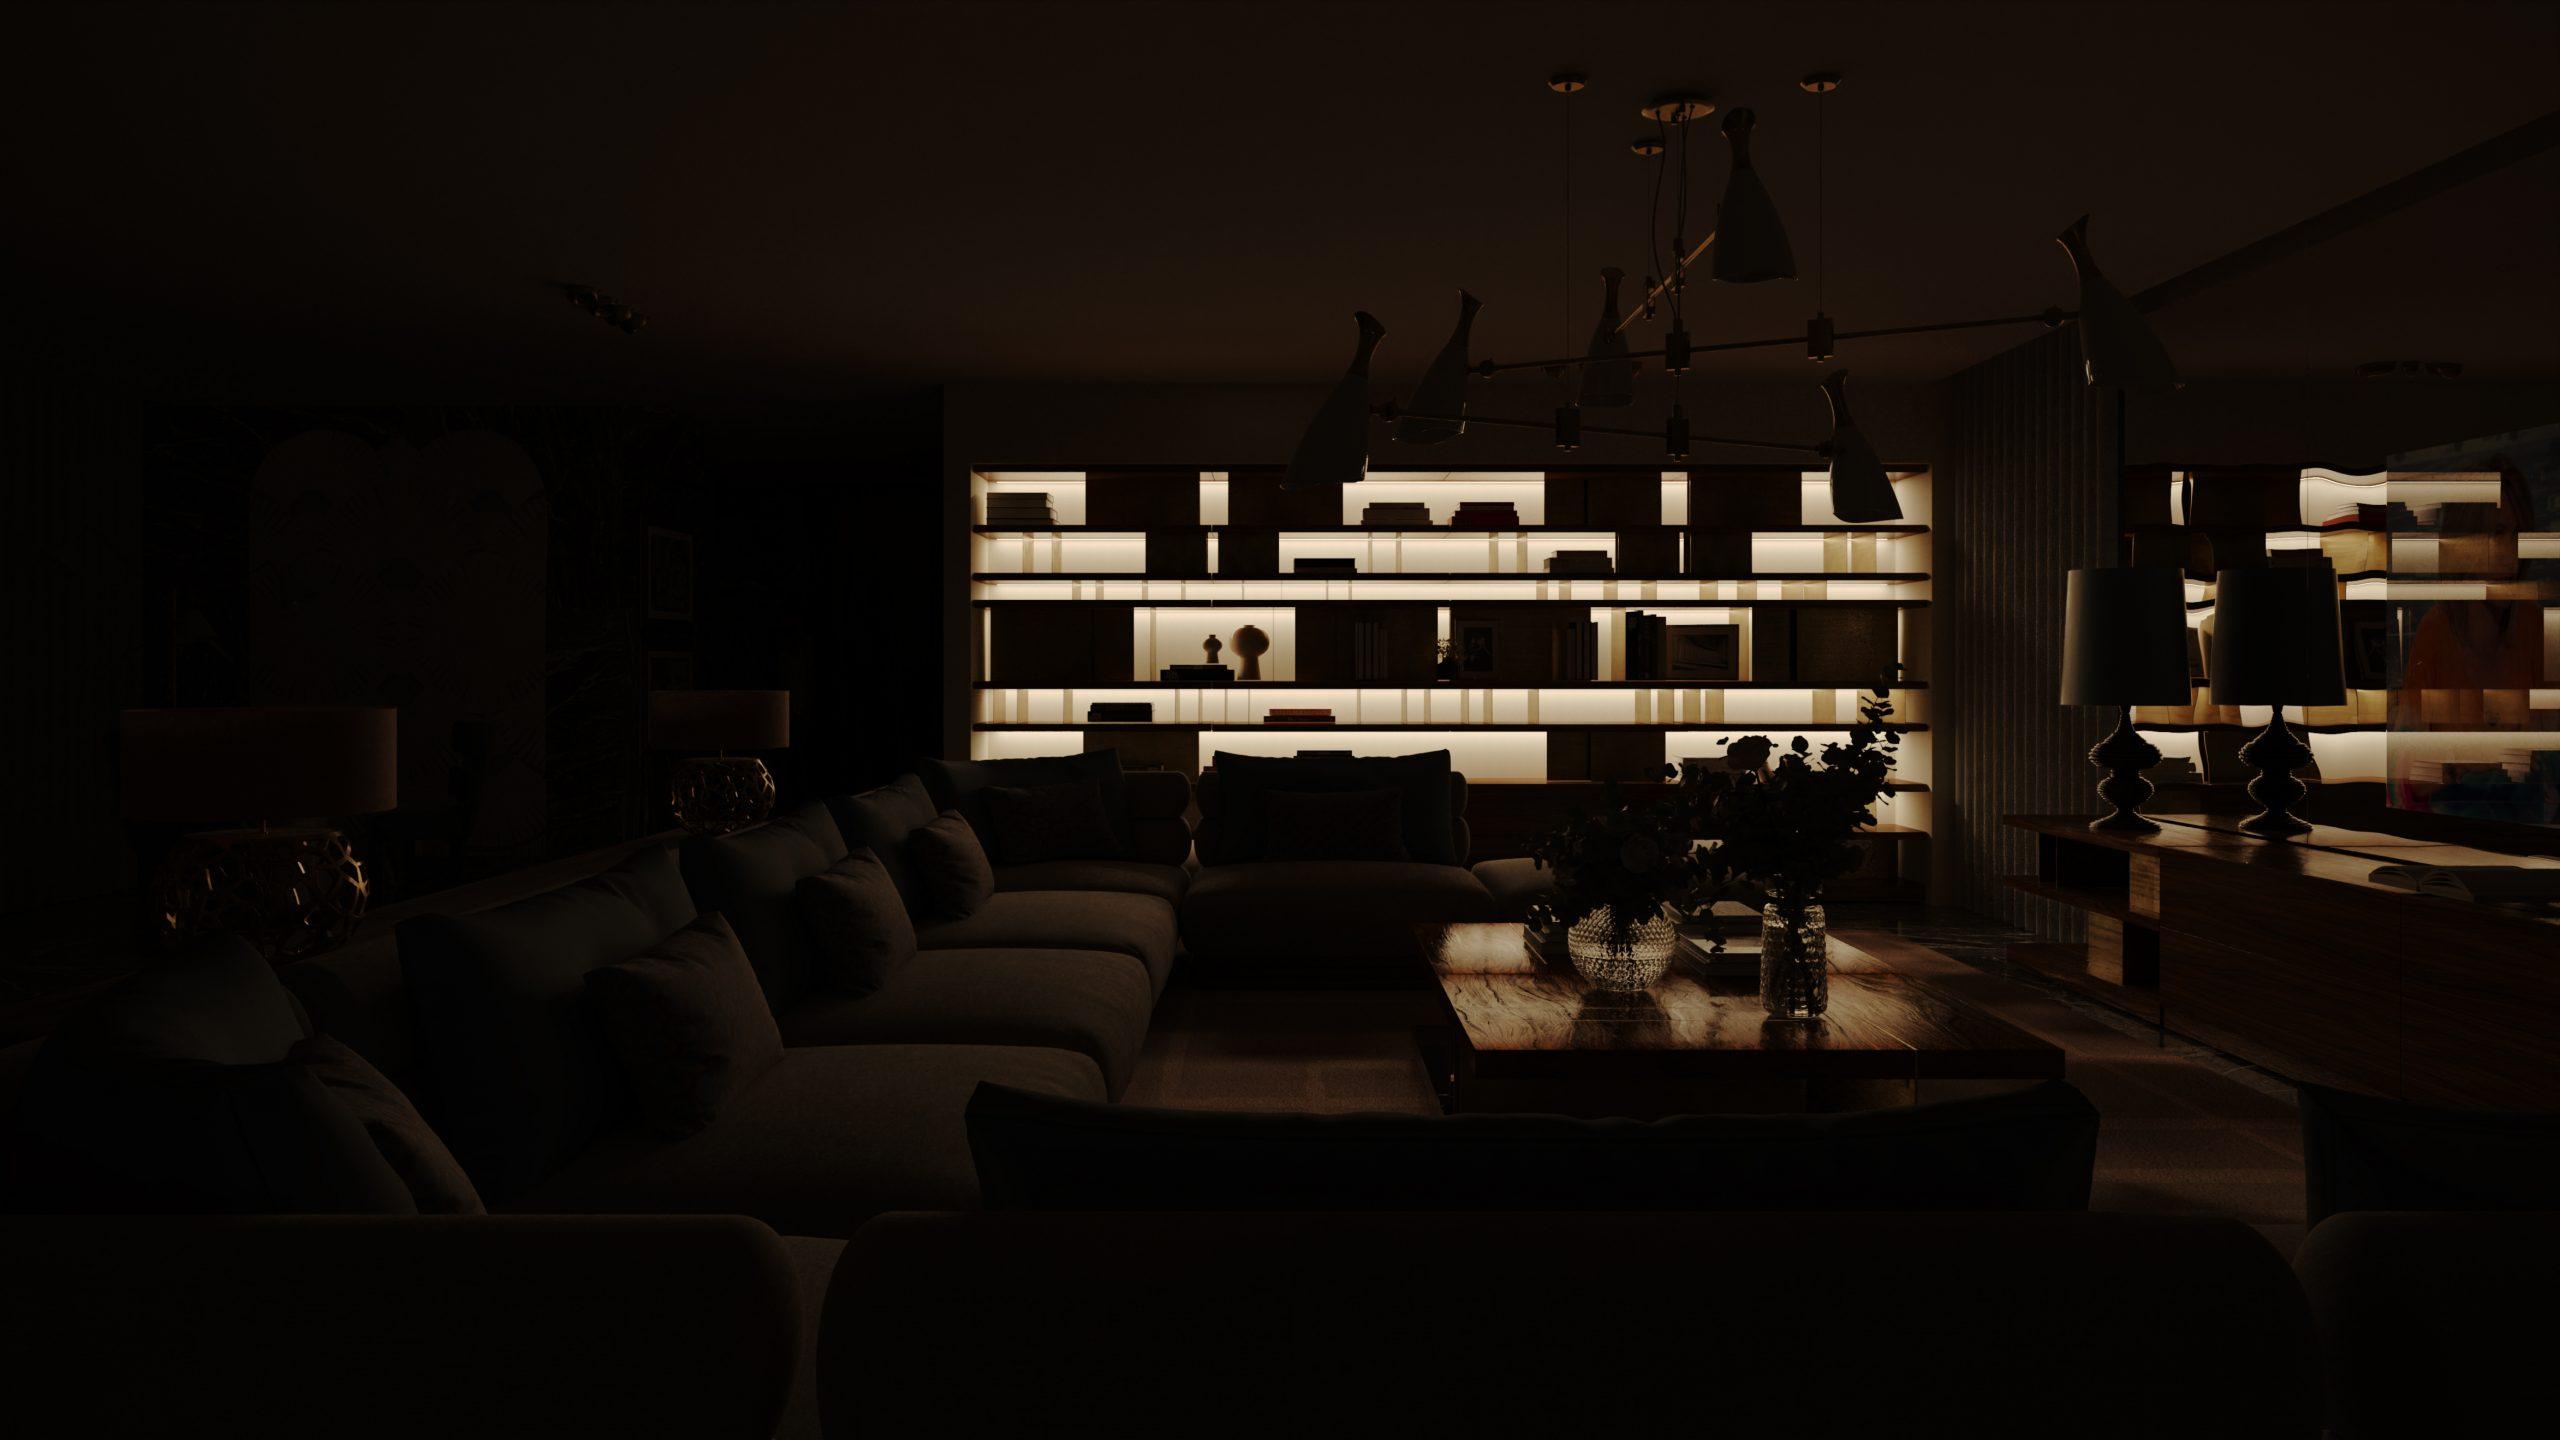 En Pleurs Modern Living Room Set - Fierce Decor Inspiration home inspiration ideas